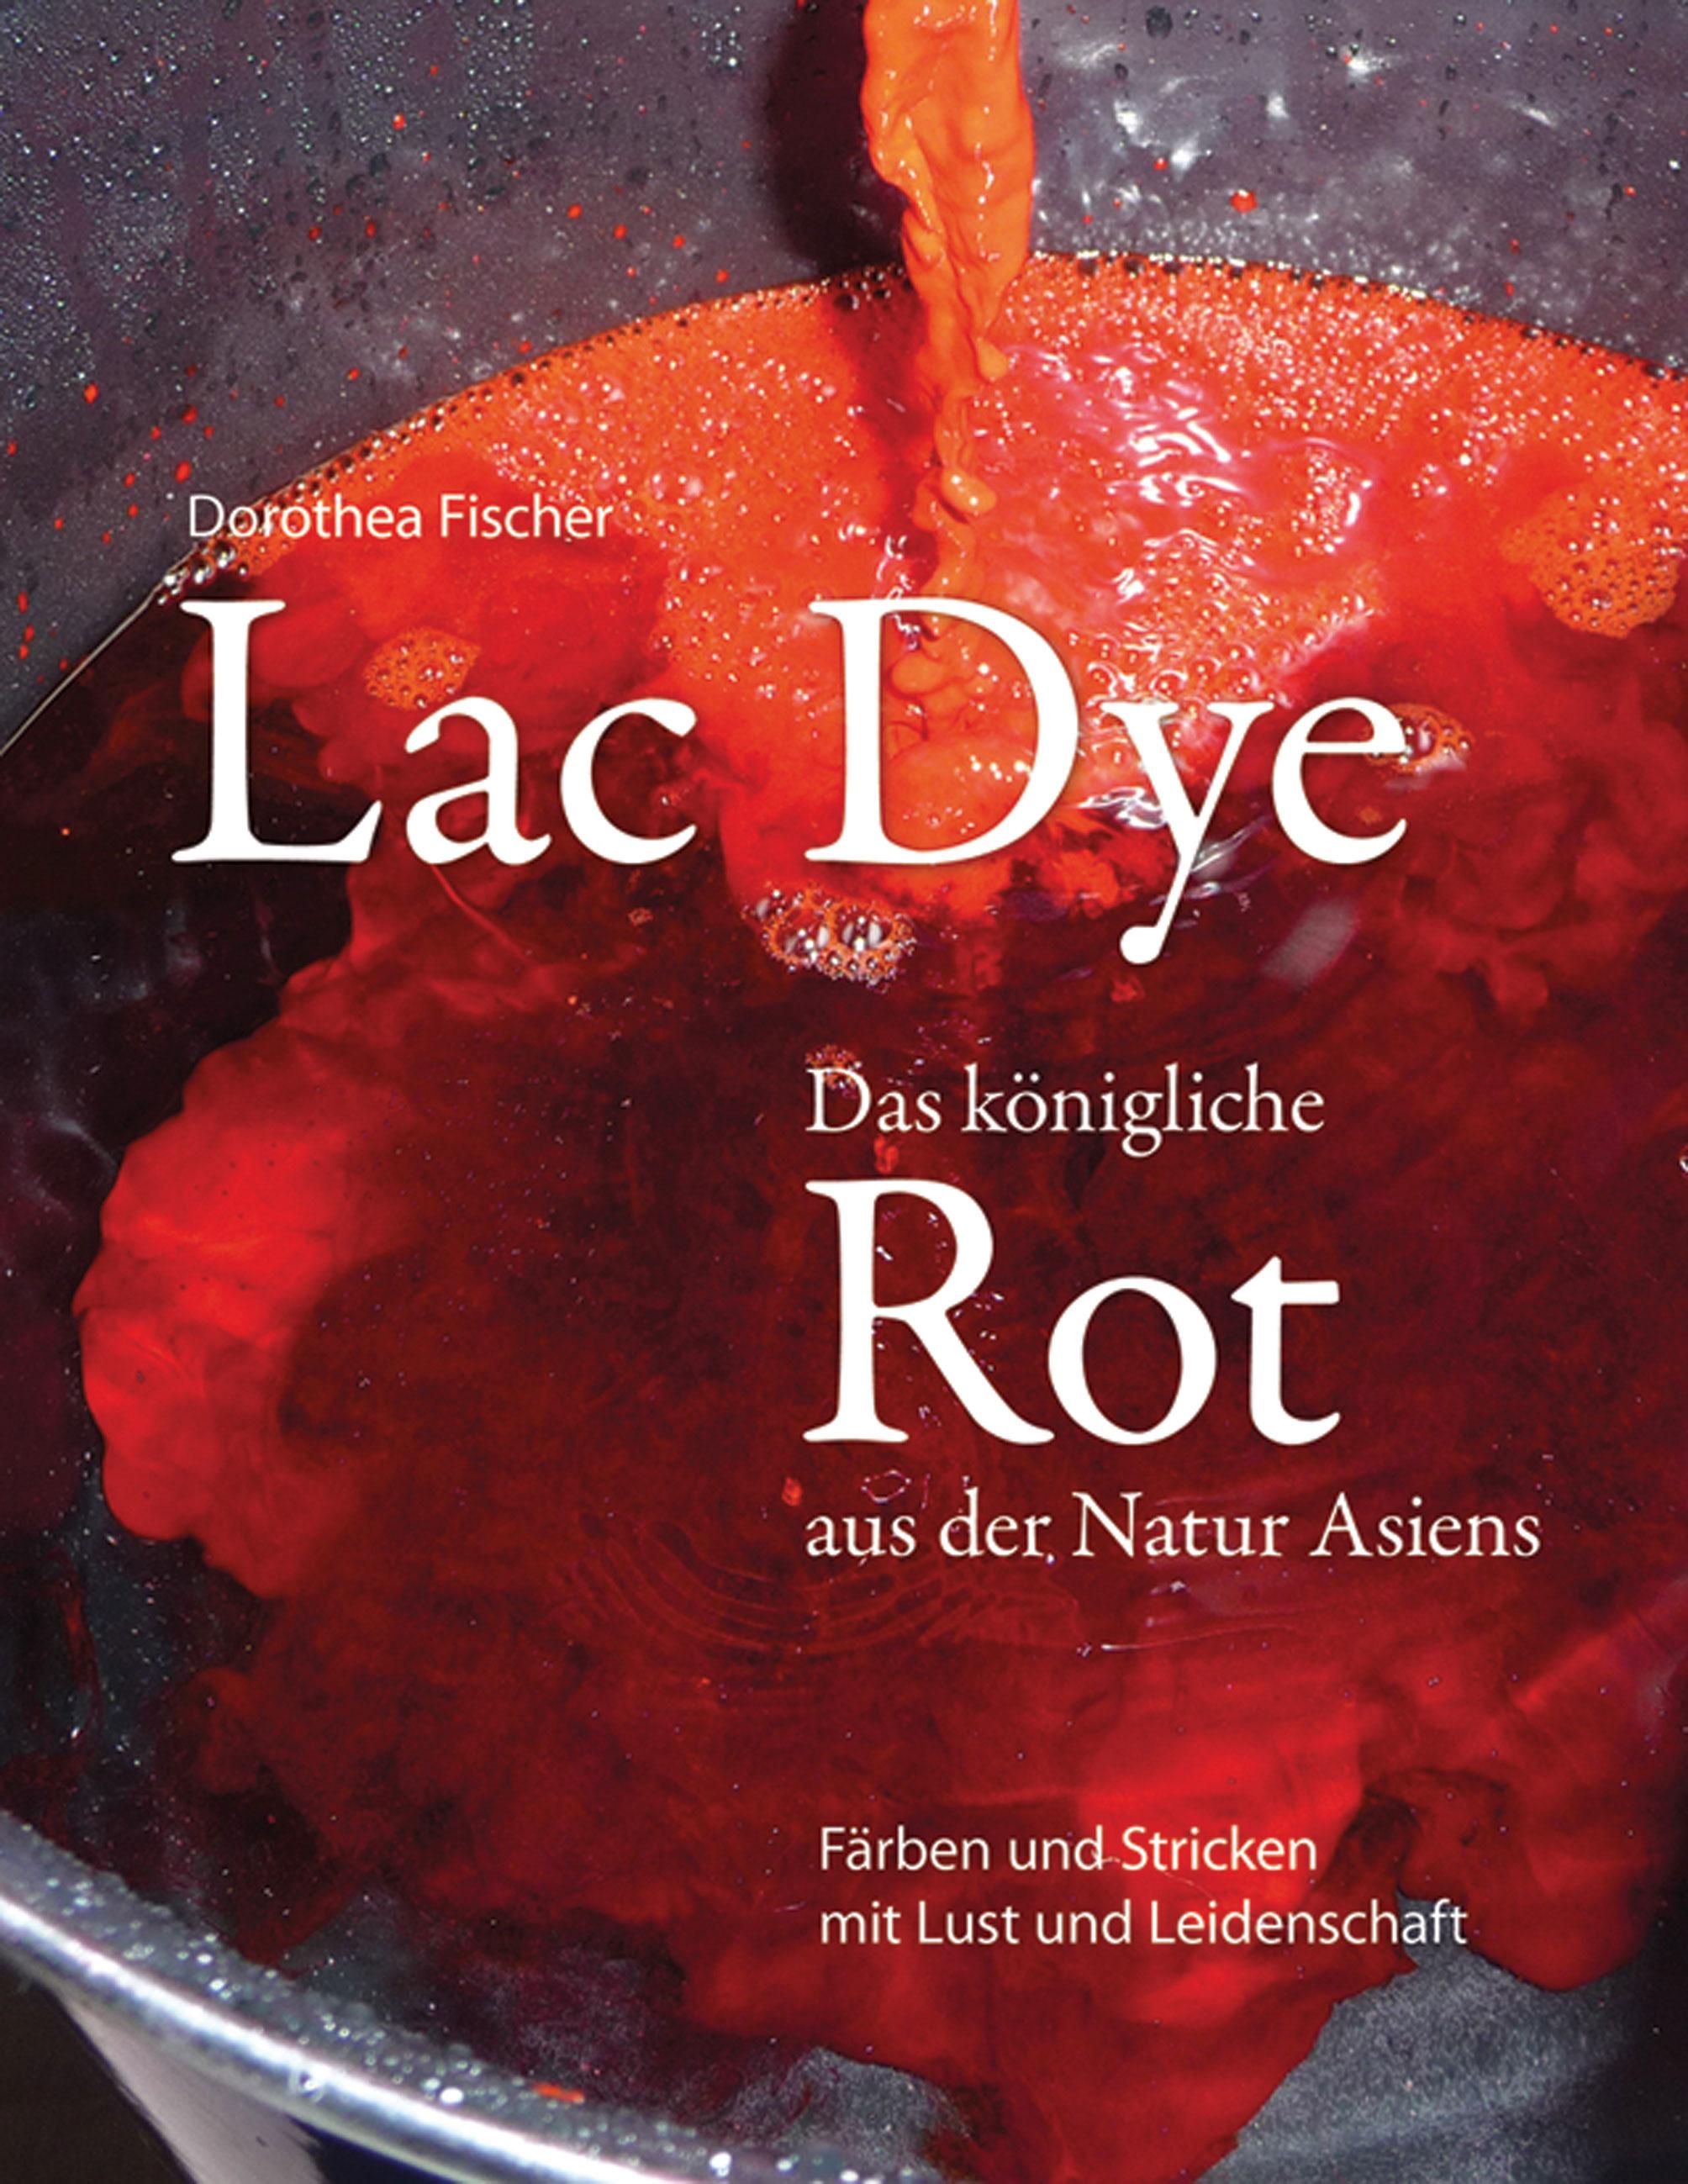 Lac Dye – Das königliche Rot aus der Natur Asiens